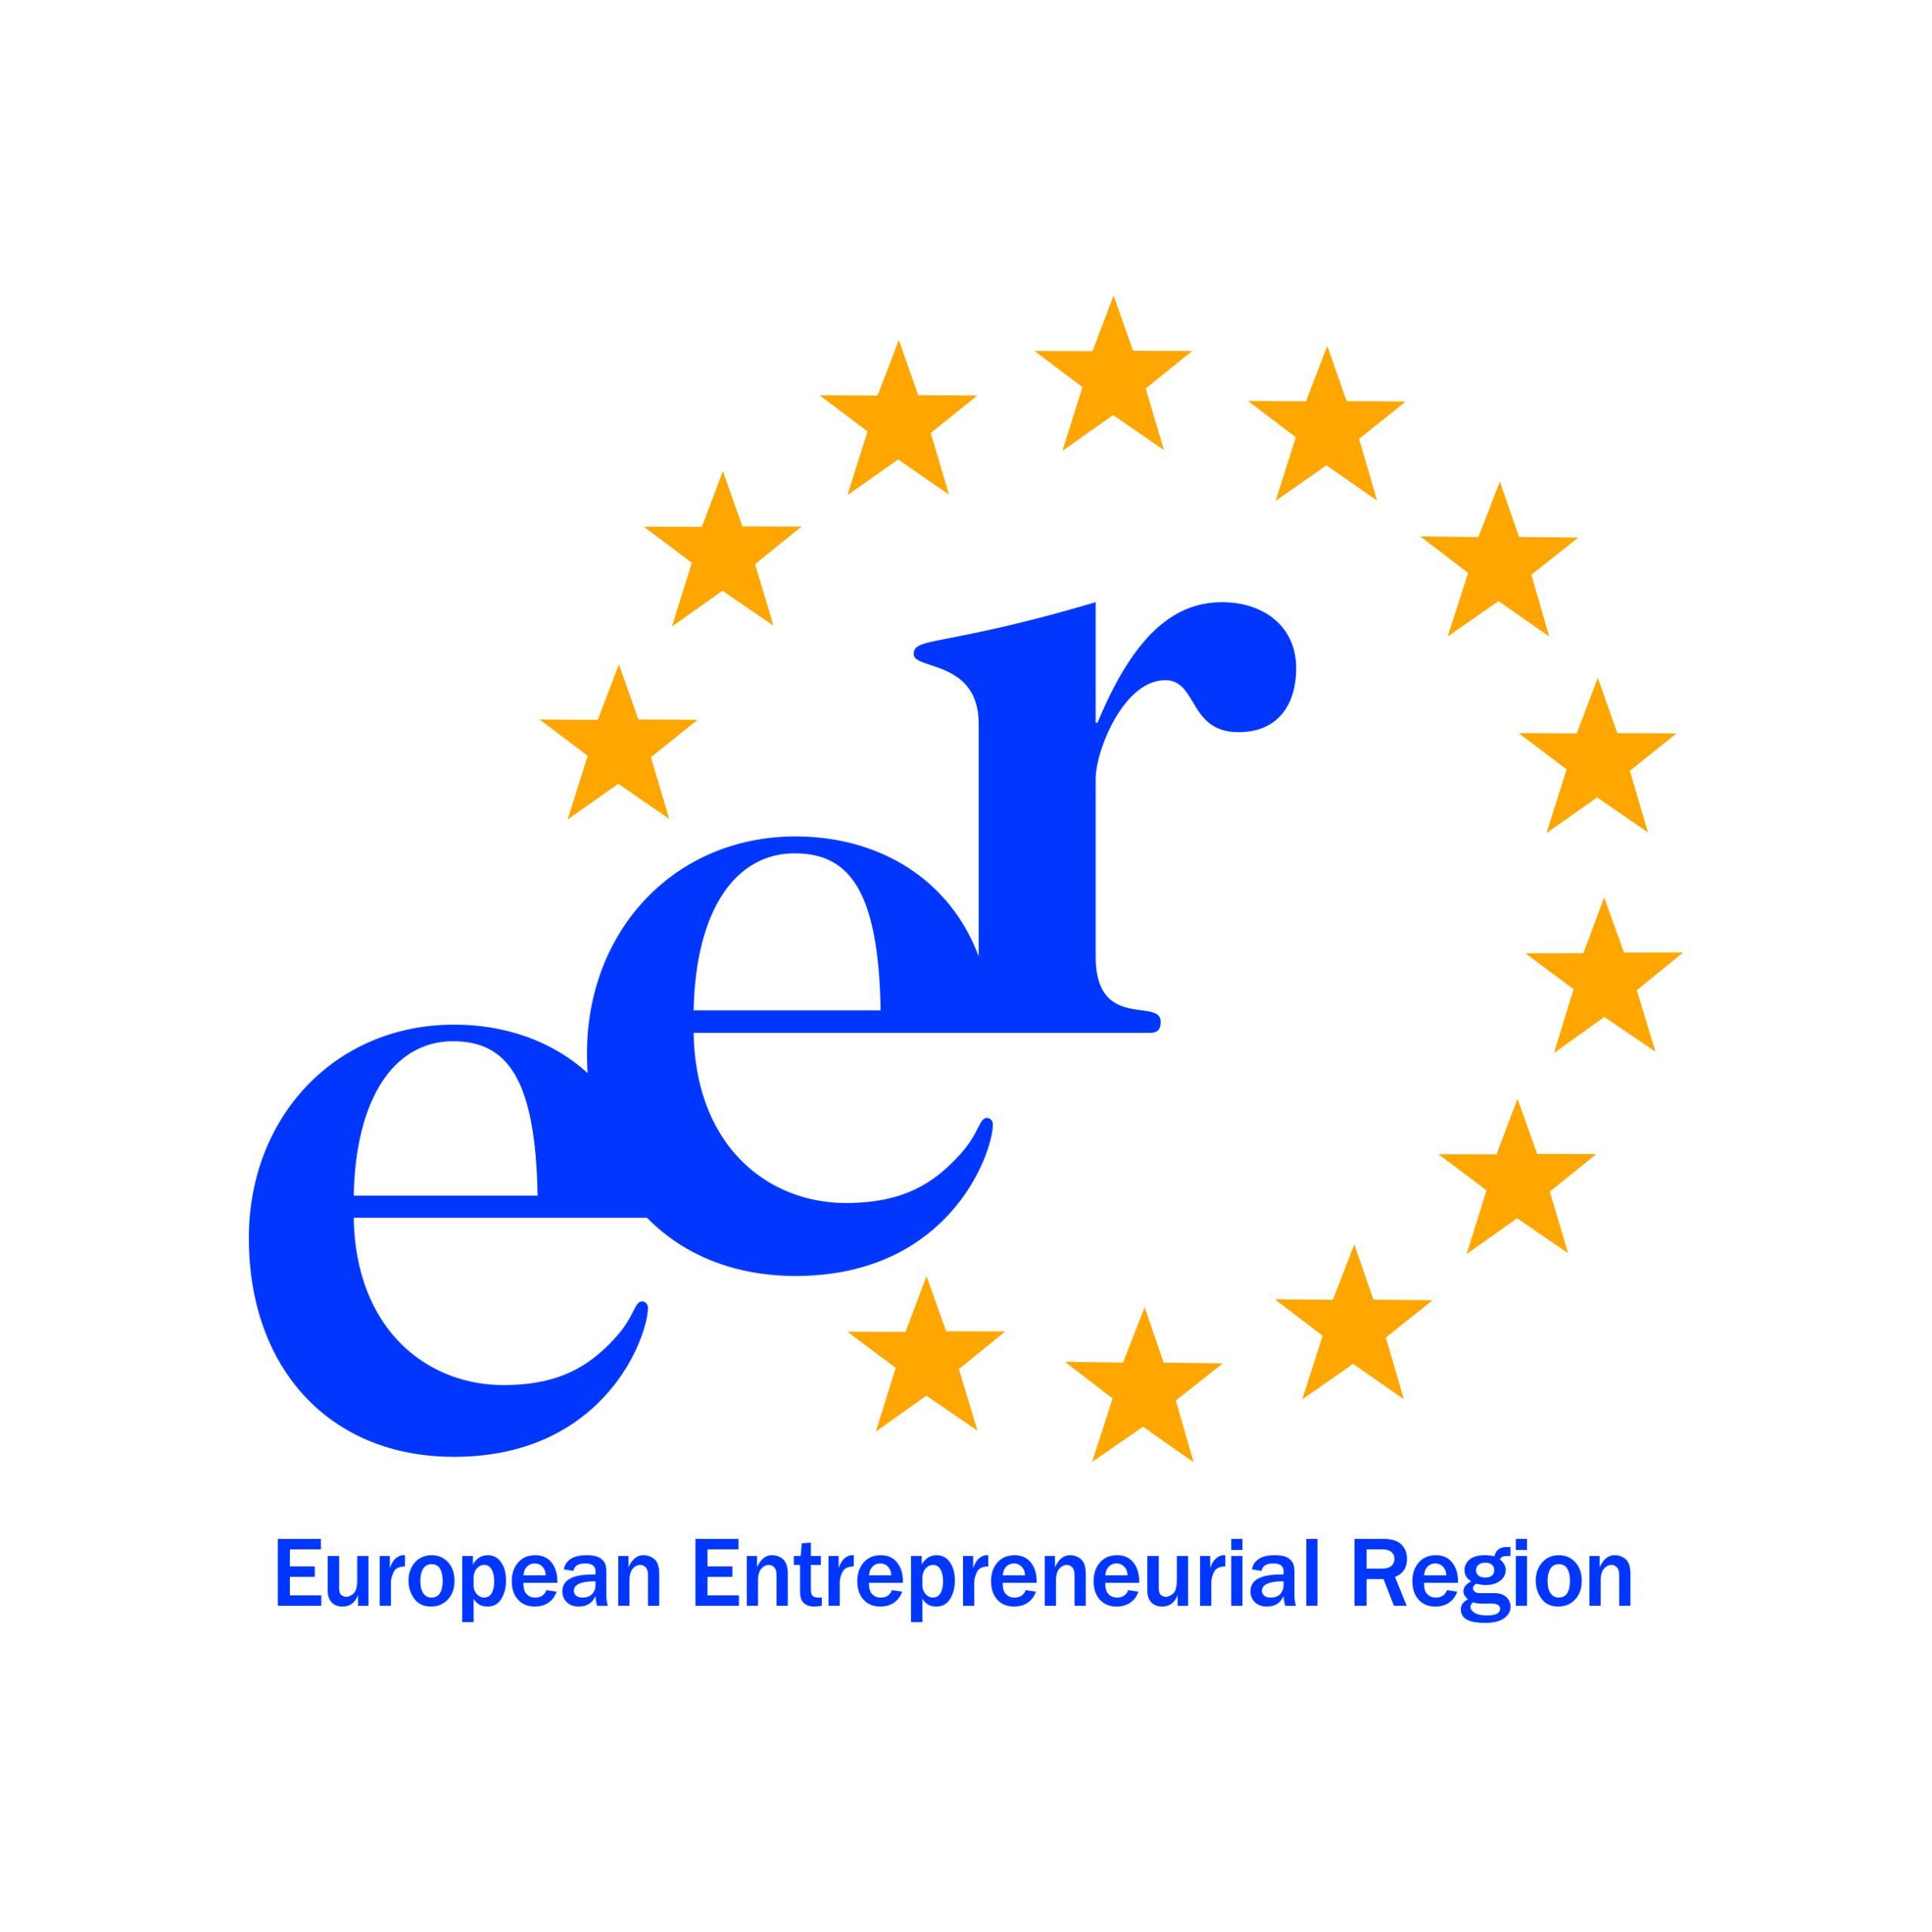 EER label